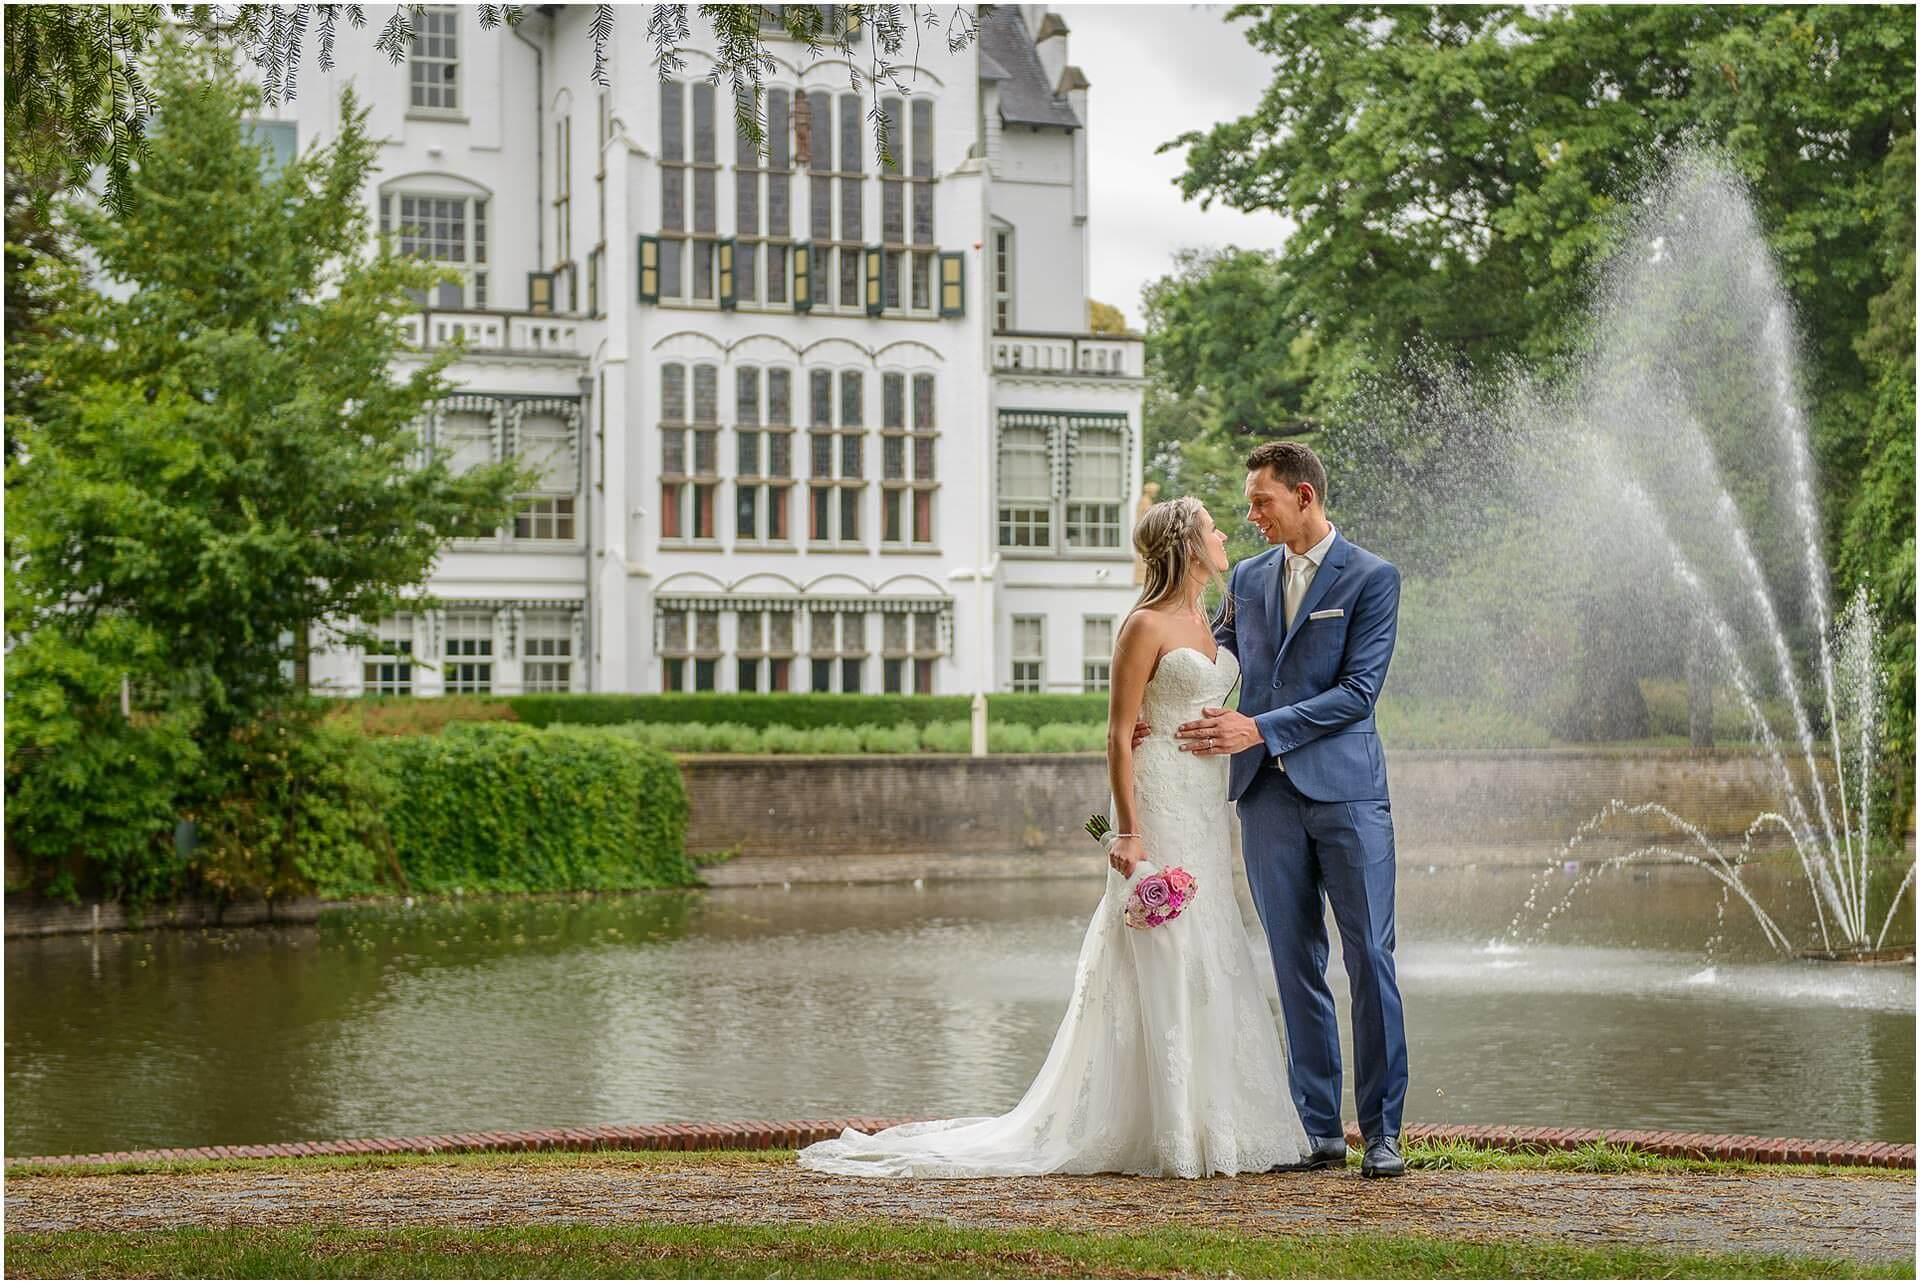 Fotograaf den Bosch Bruiloft fotograaf Brabant bij het Raadhuis in Vught door Bruidsfotograaf Sandy Peters uit Oss_0010.jpg